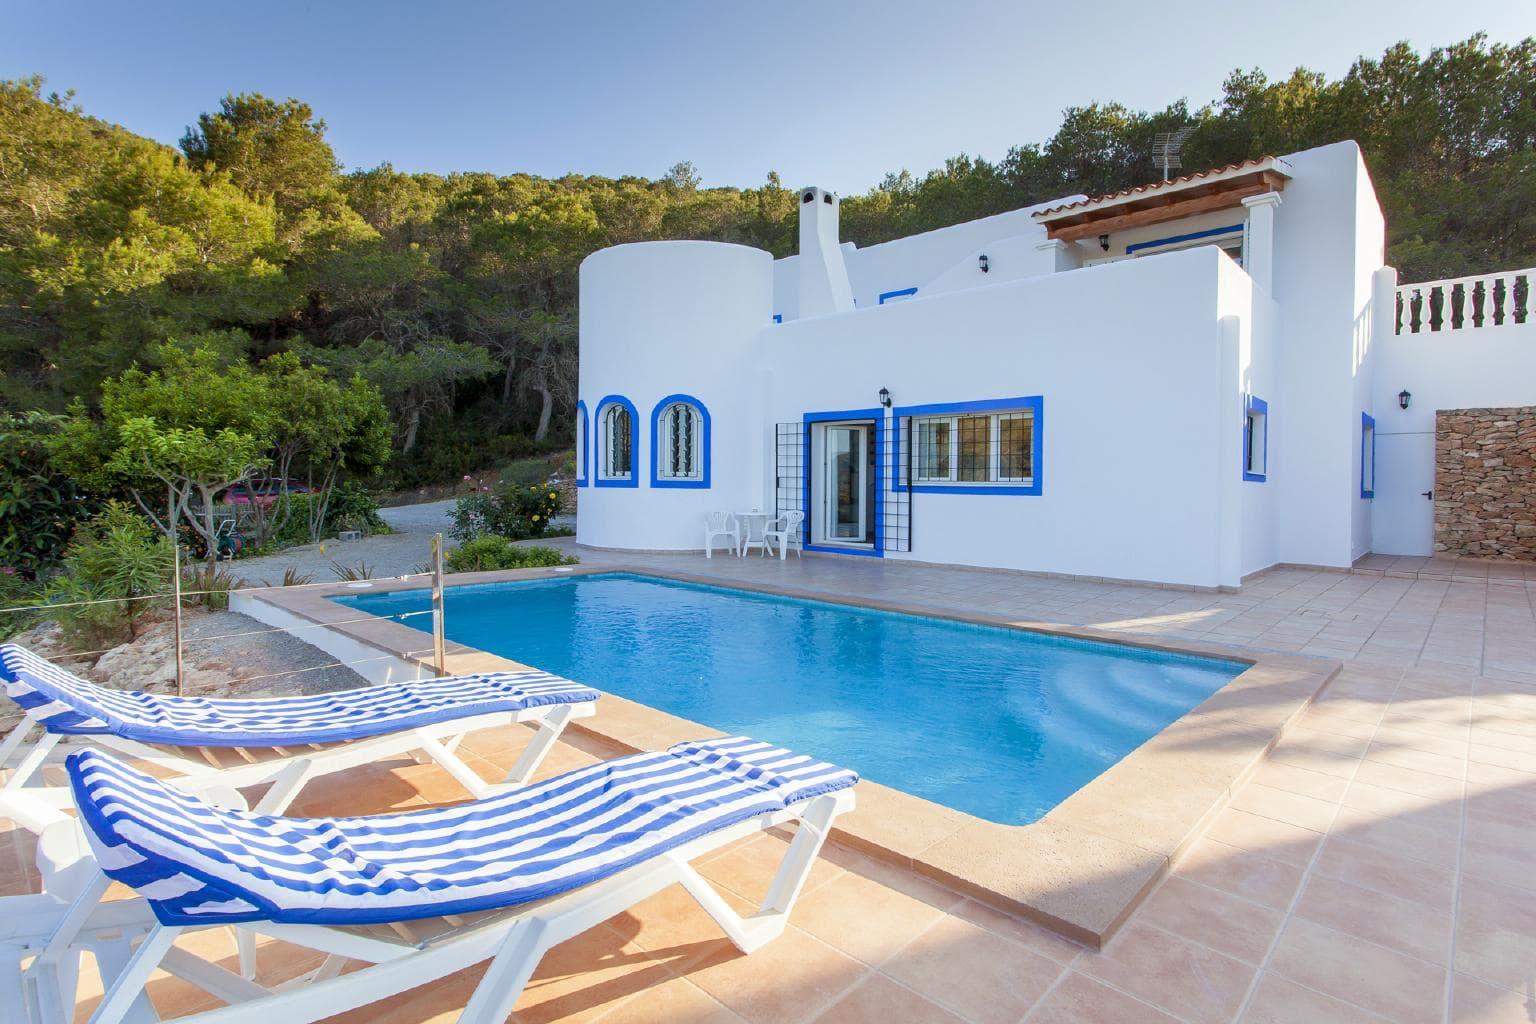 Villa Can Toni in ibiza